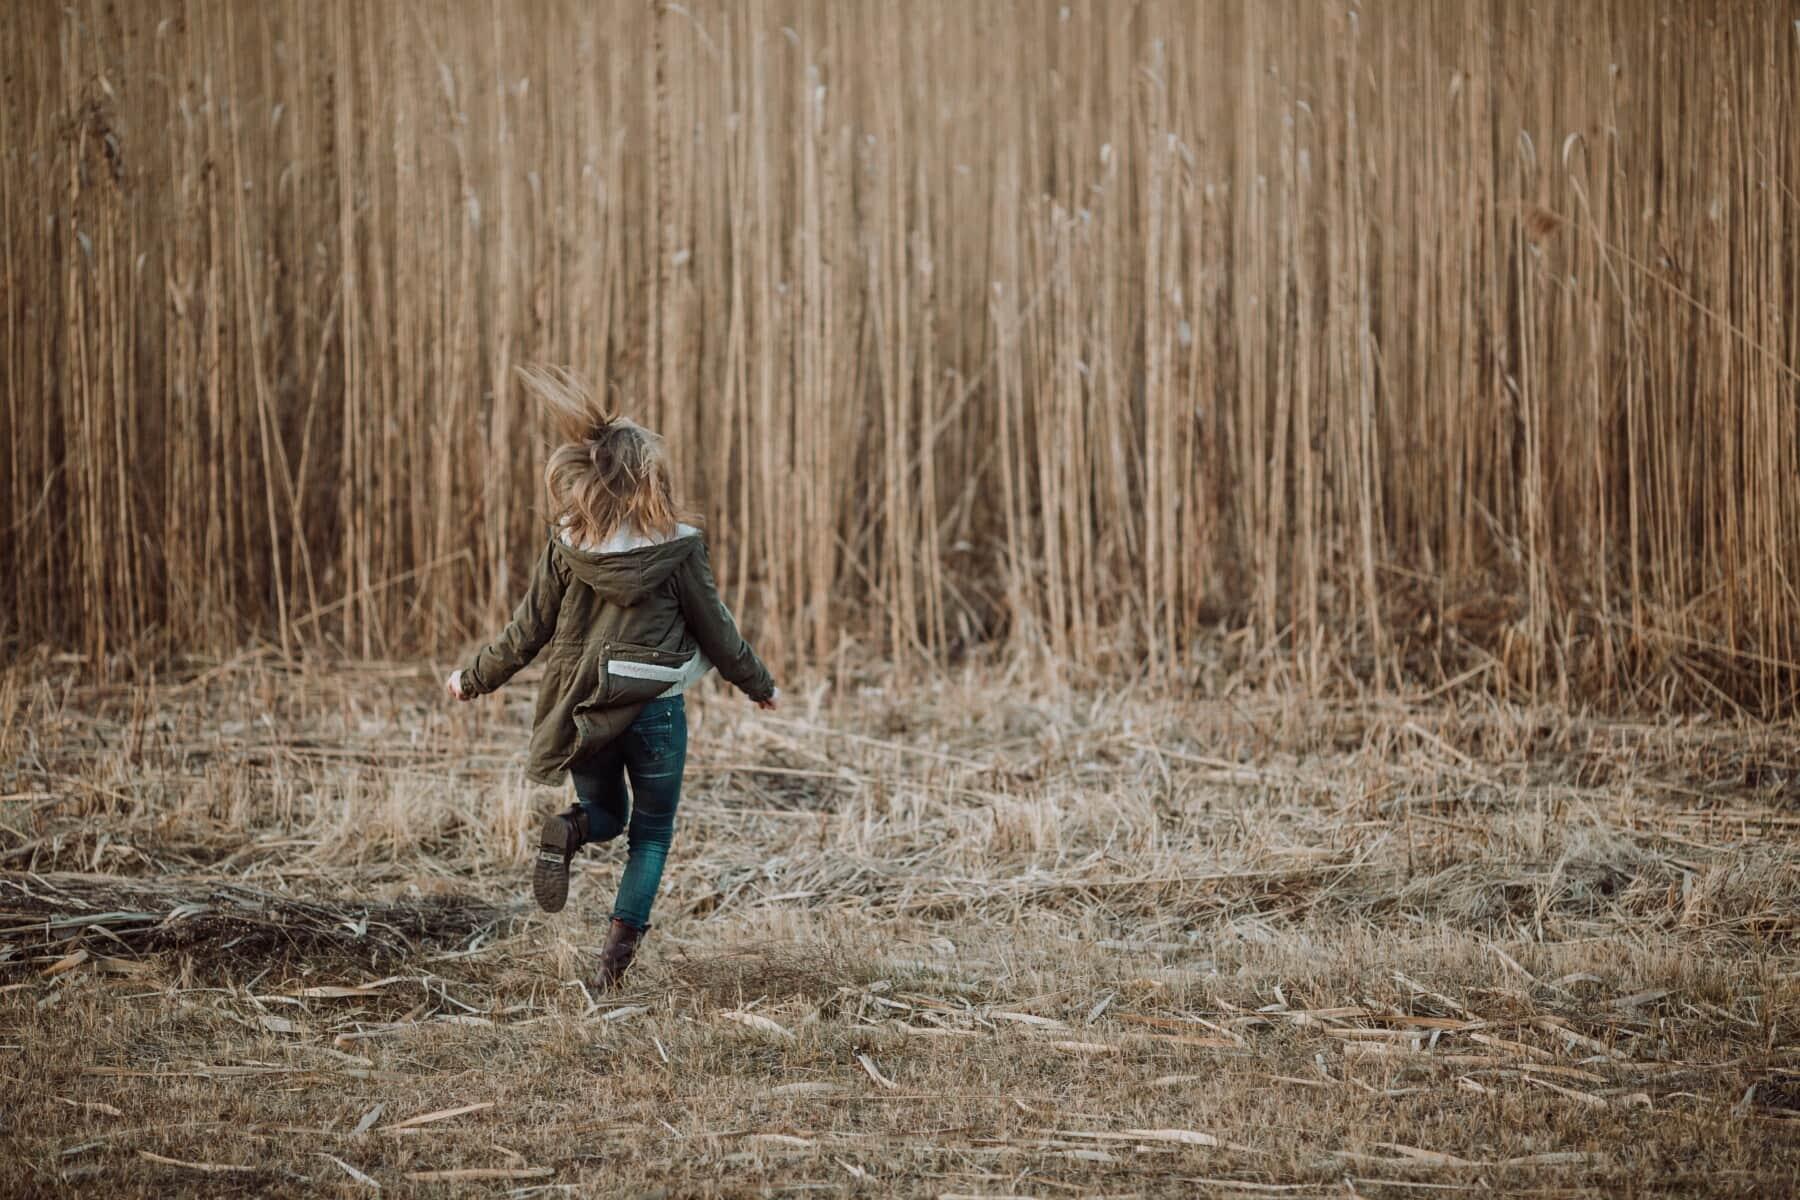 děvče, běh, pole, světle hnědá, podzimní sezóna, bunda, osoba, dřevo, příroda, lidé